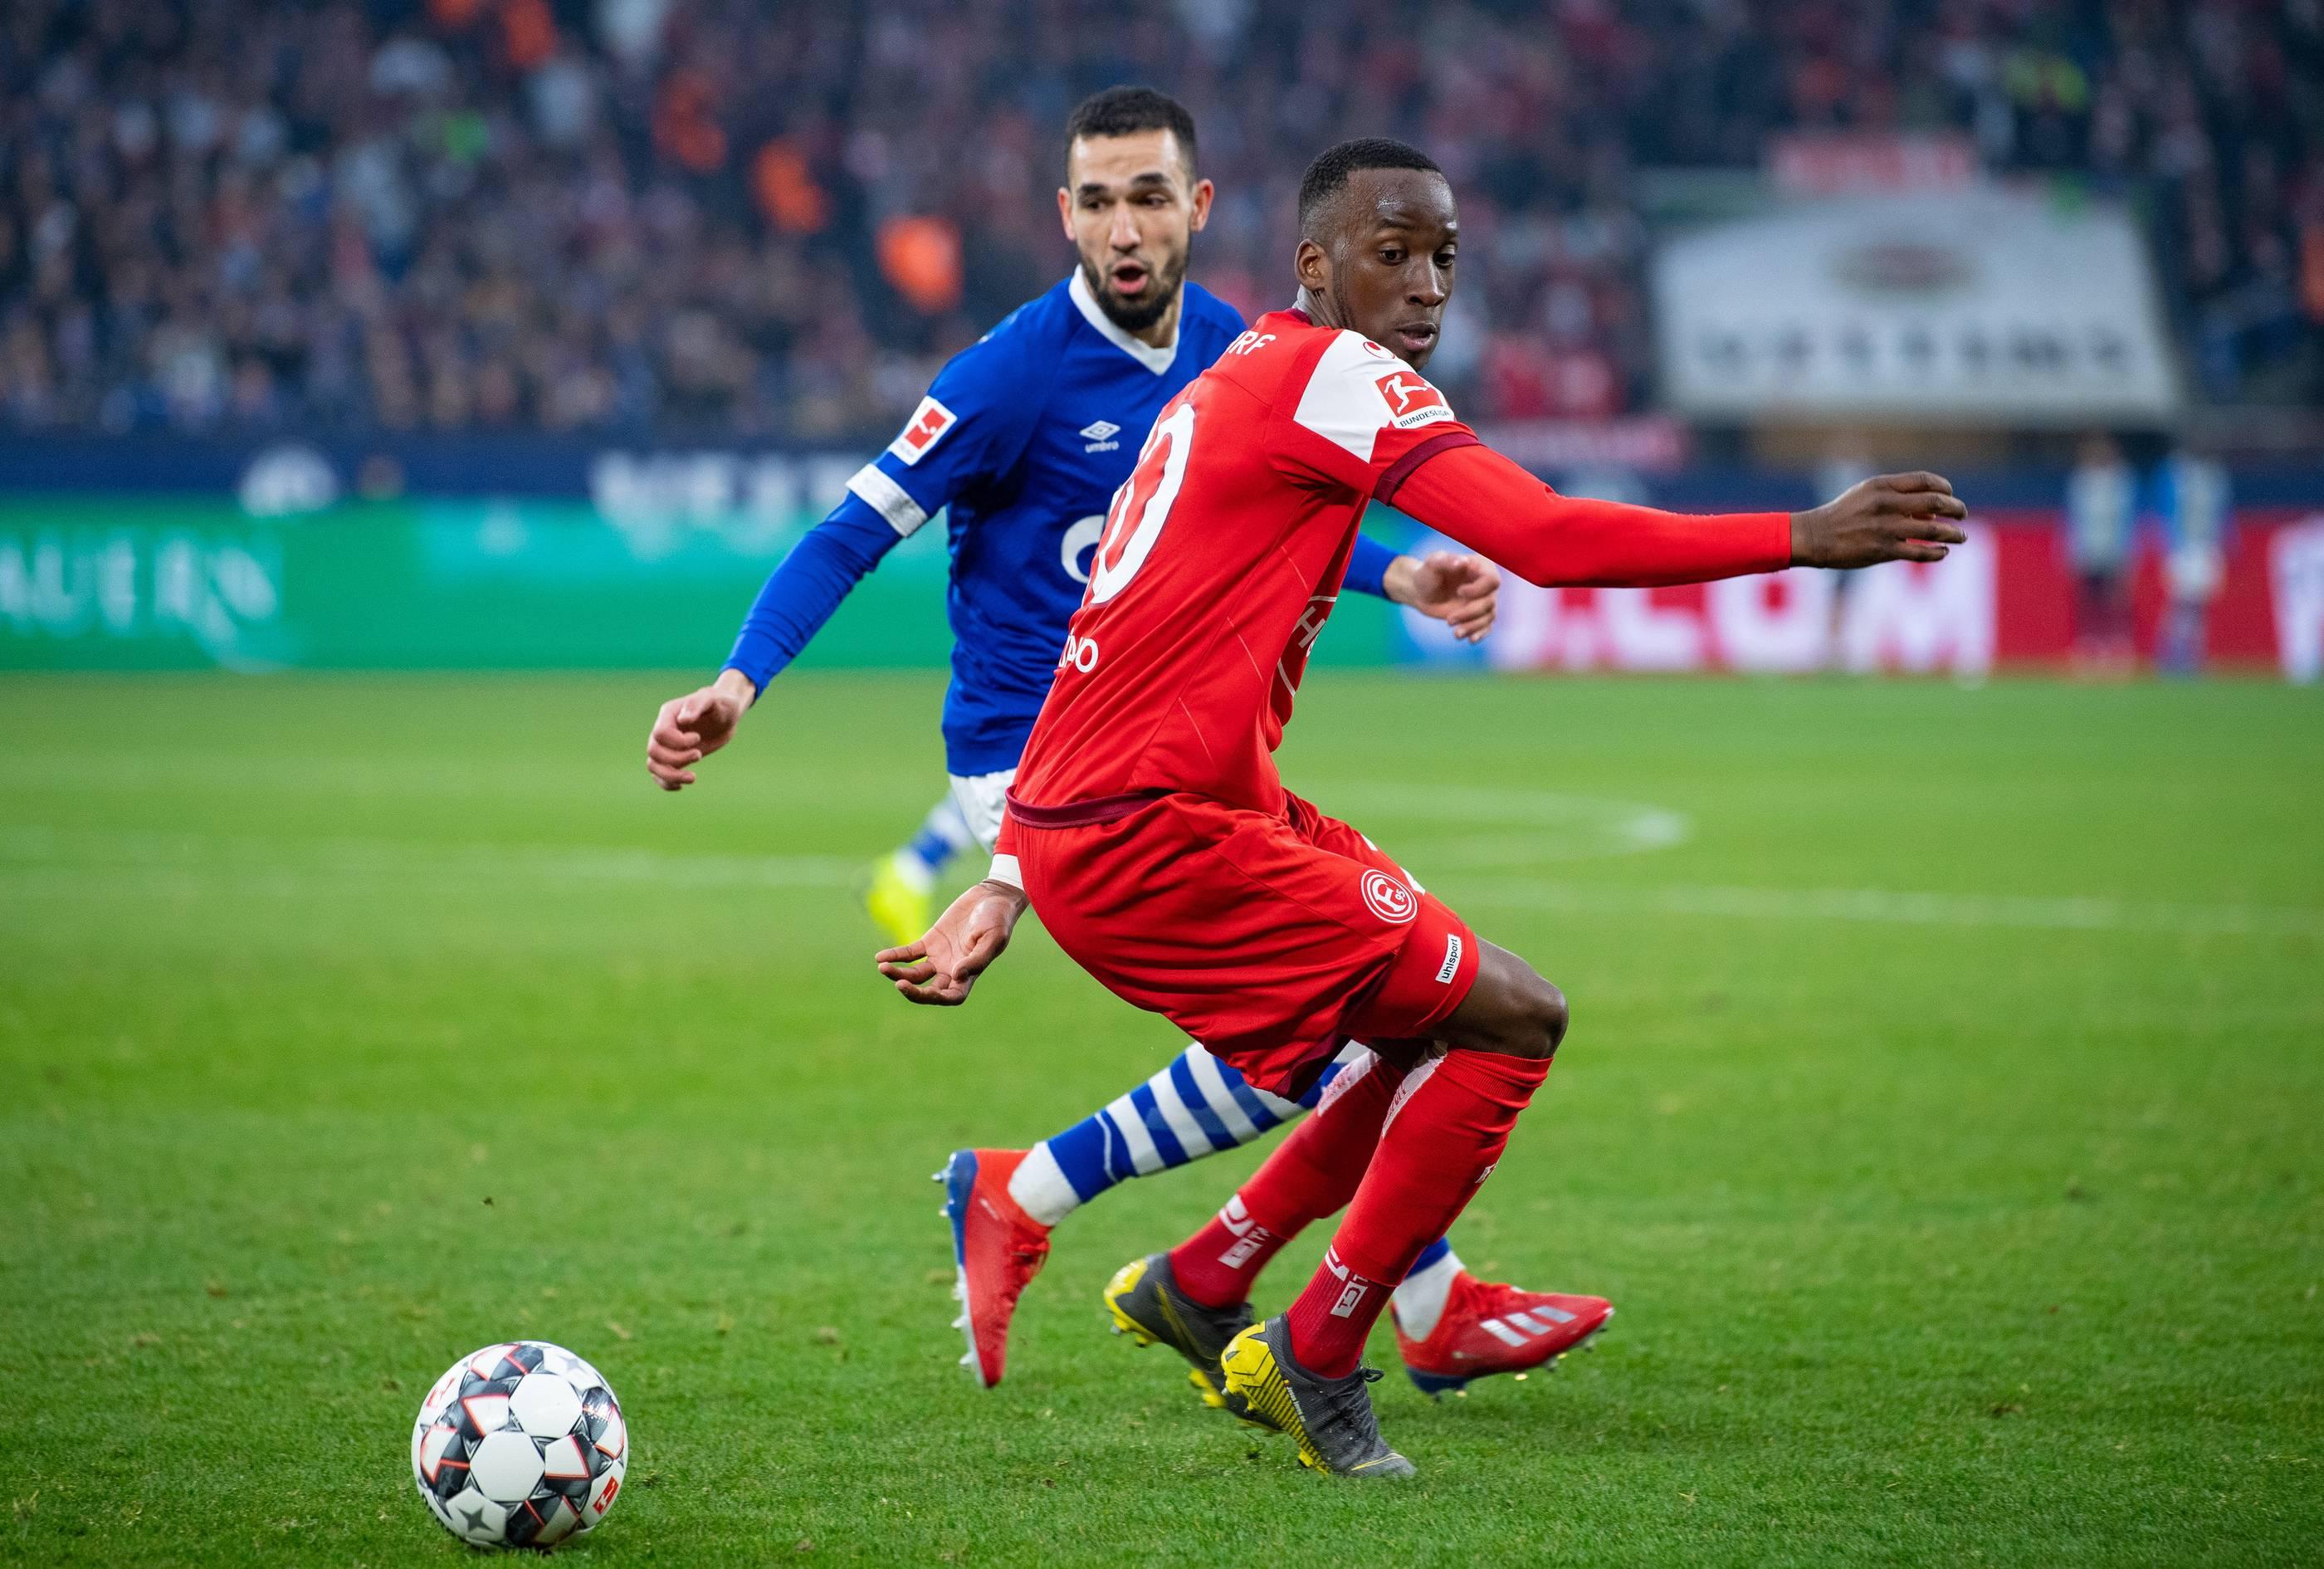 Schalke Gegen Fortuna Düsseldorf